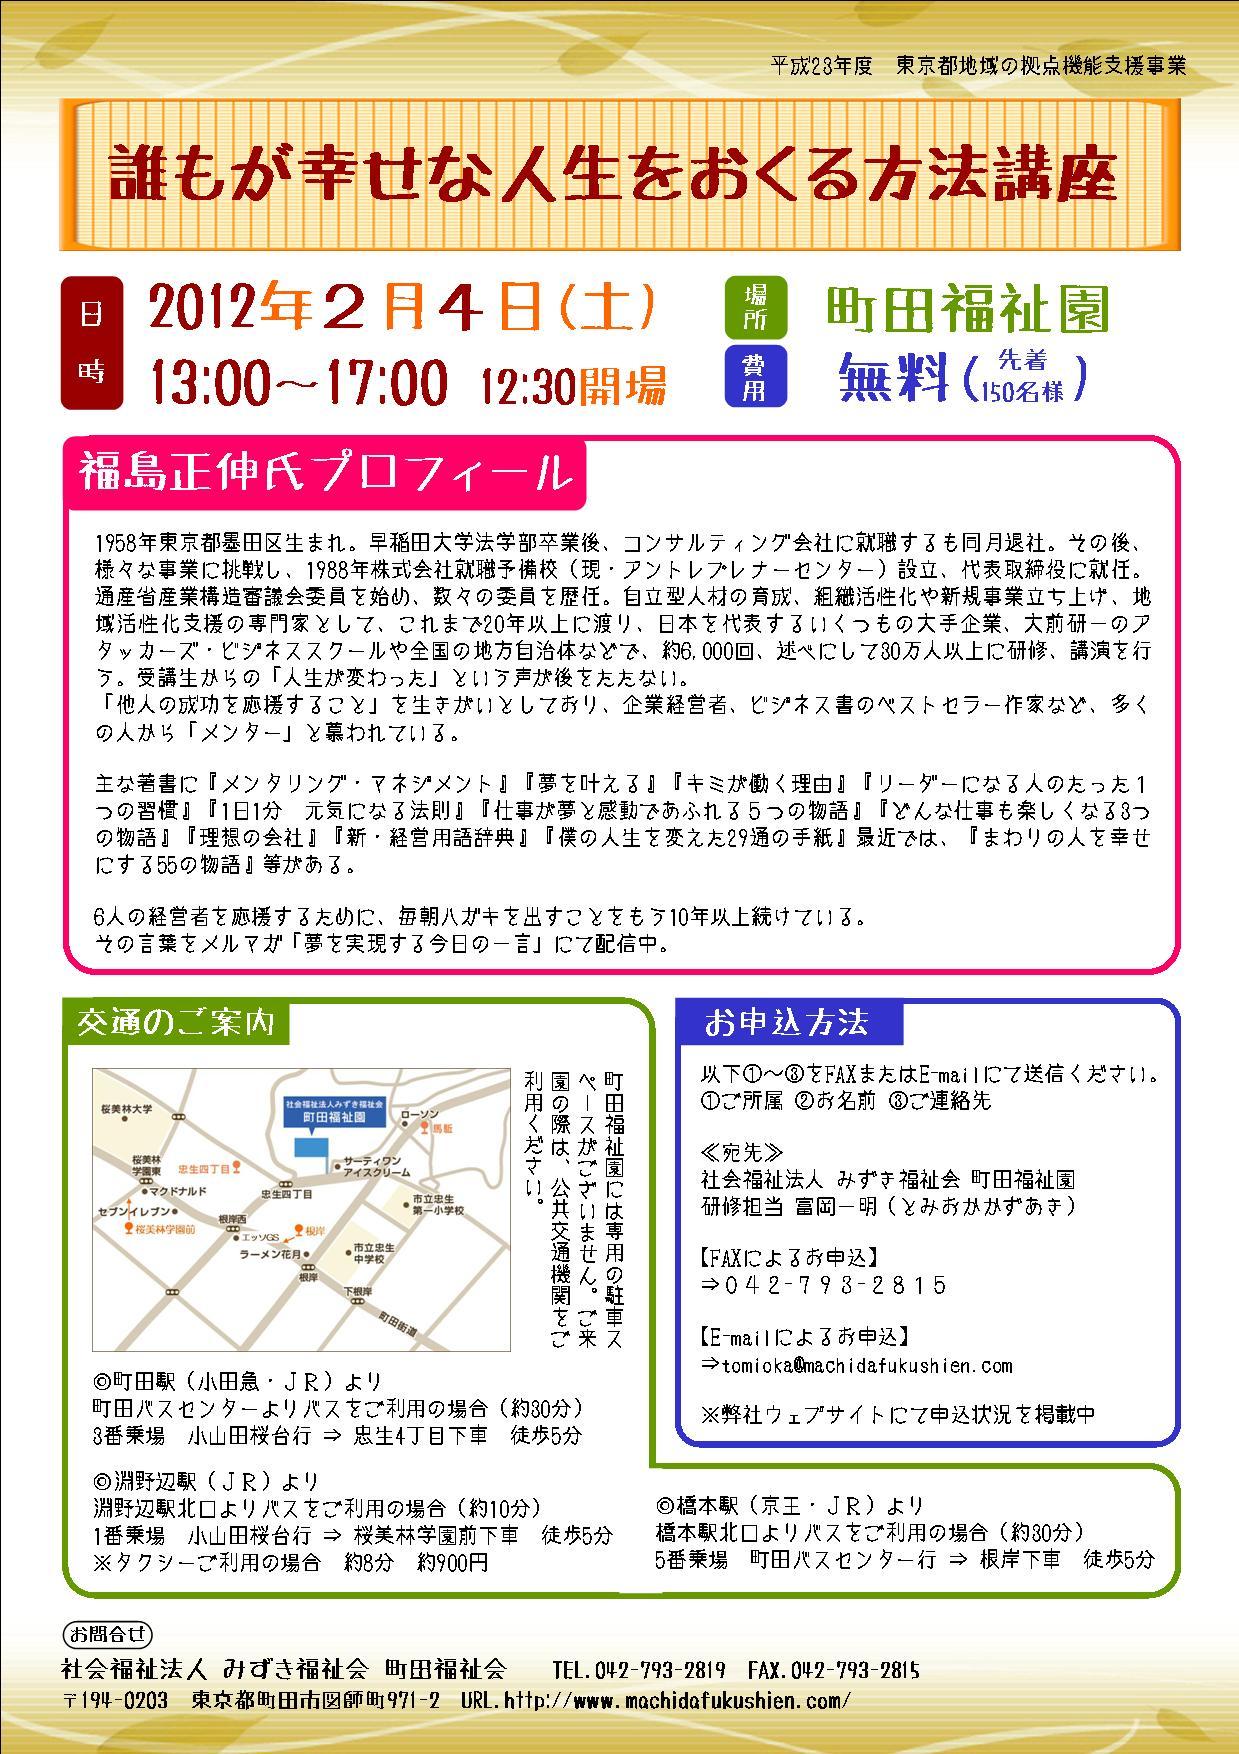 koufuku_20120204_2.jpg